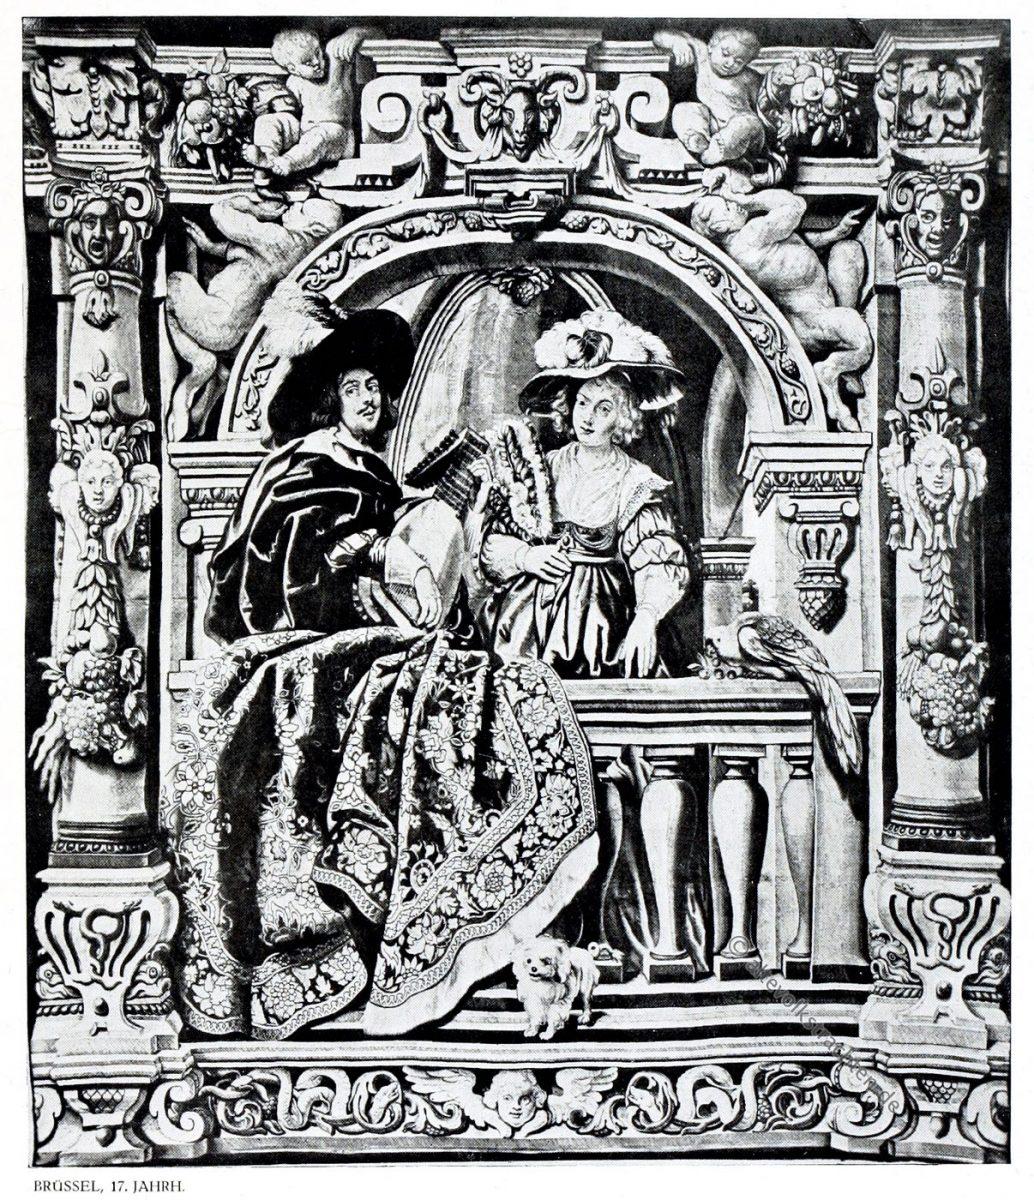 Gobelin, Barock, Laute, Kavalier, Dame, Kunsthistorie, Gobelinsammlung, Gobelins , 17. Jahrhundert, Wien